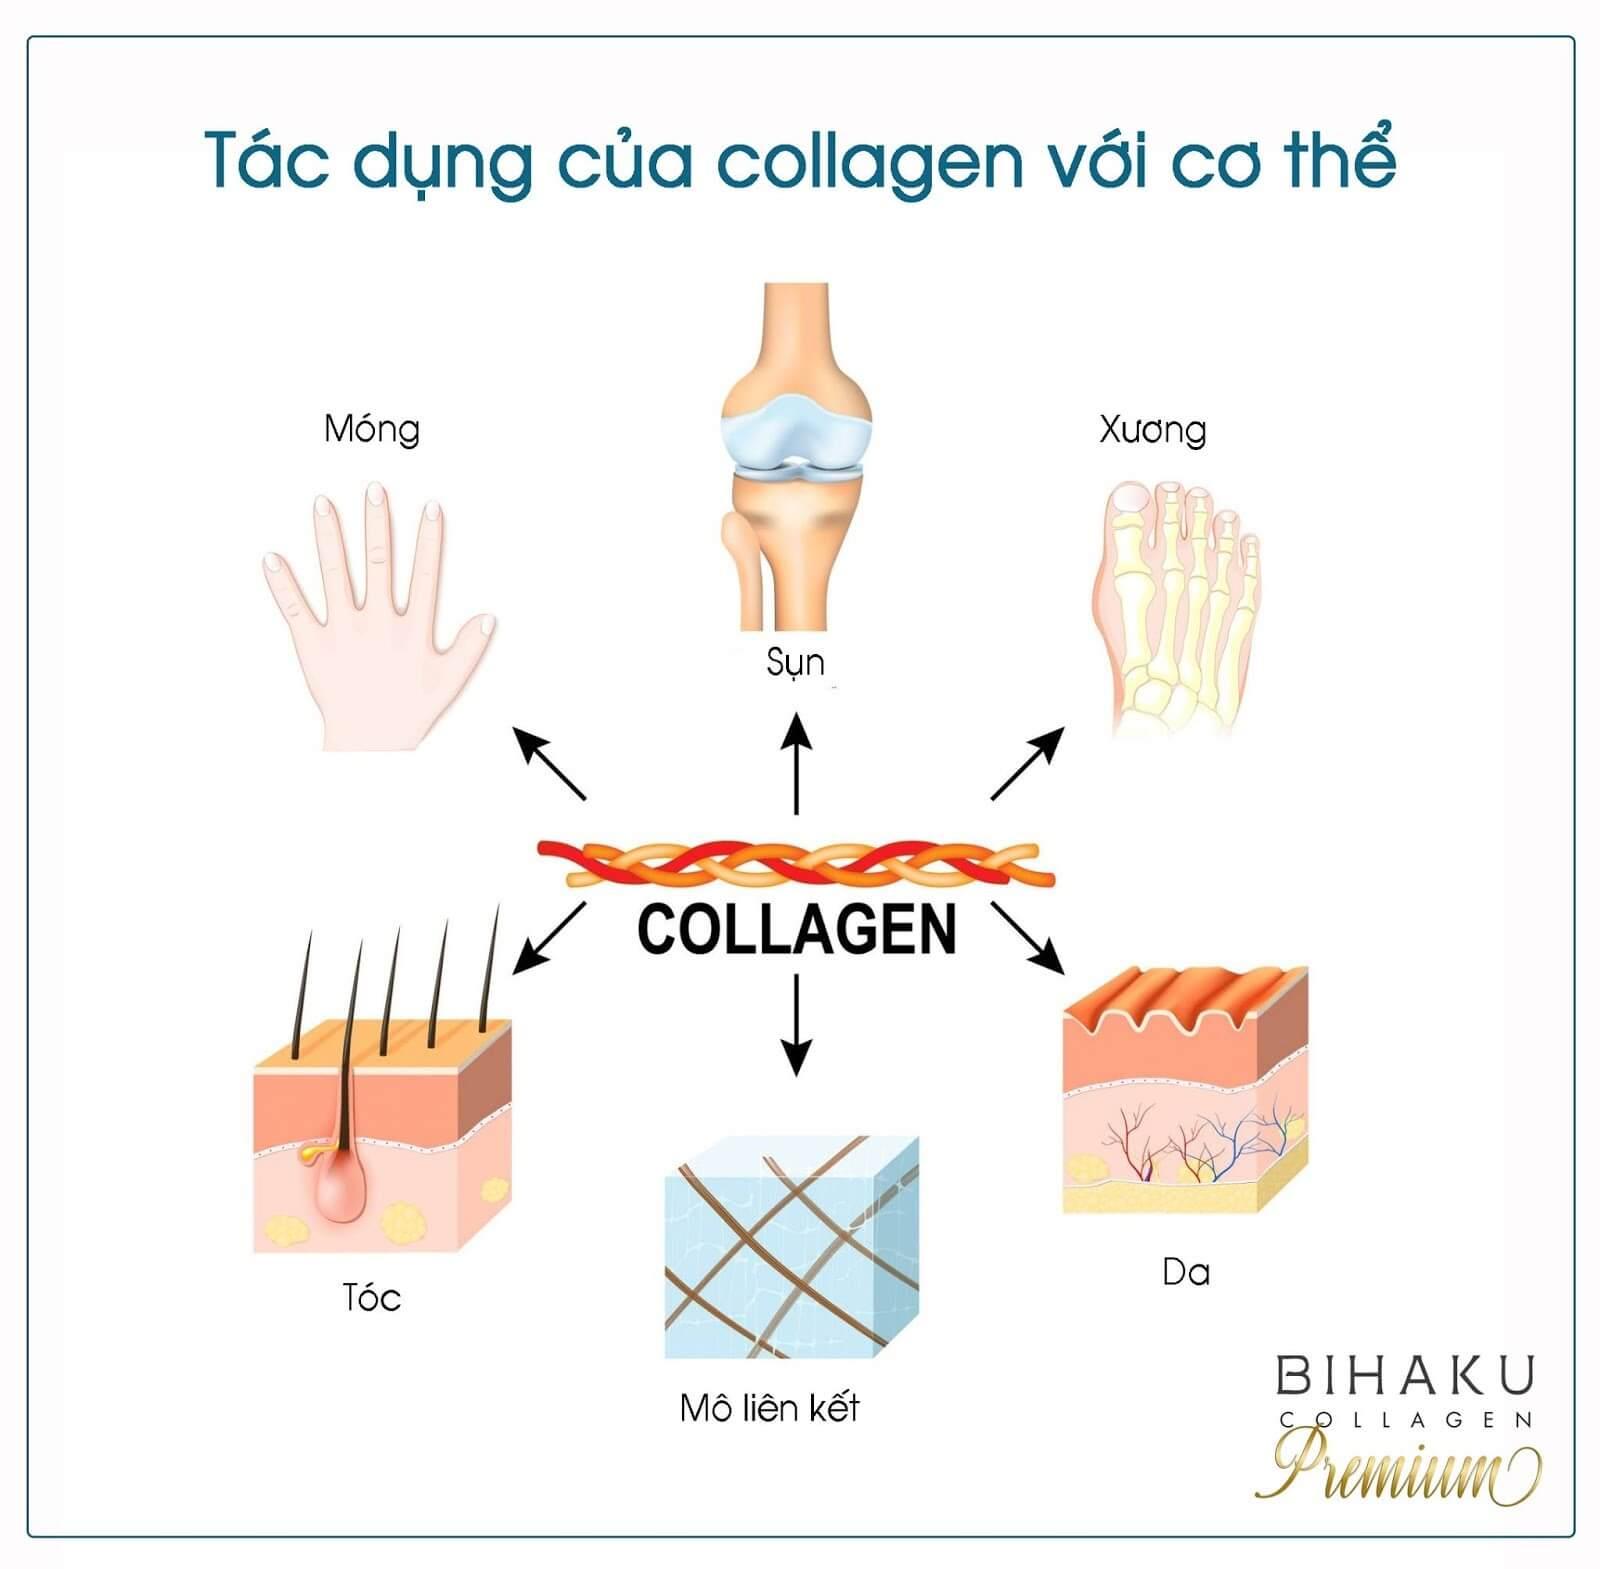 Tác dụng của collagen đối với cơ thể